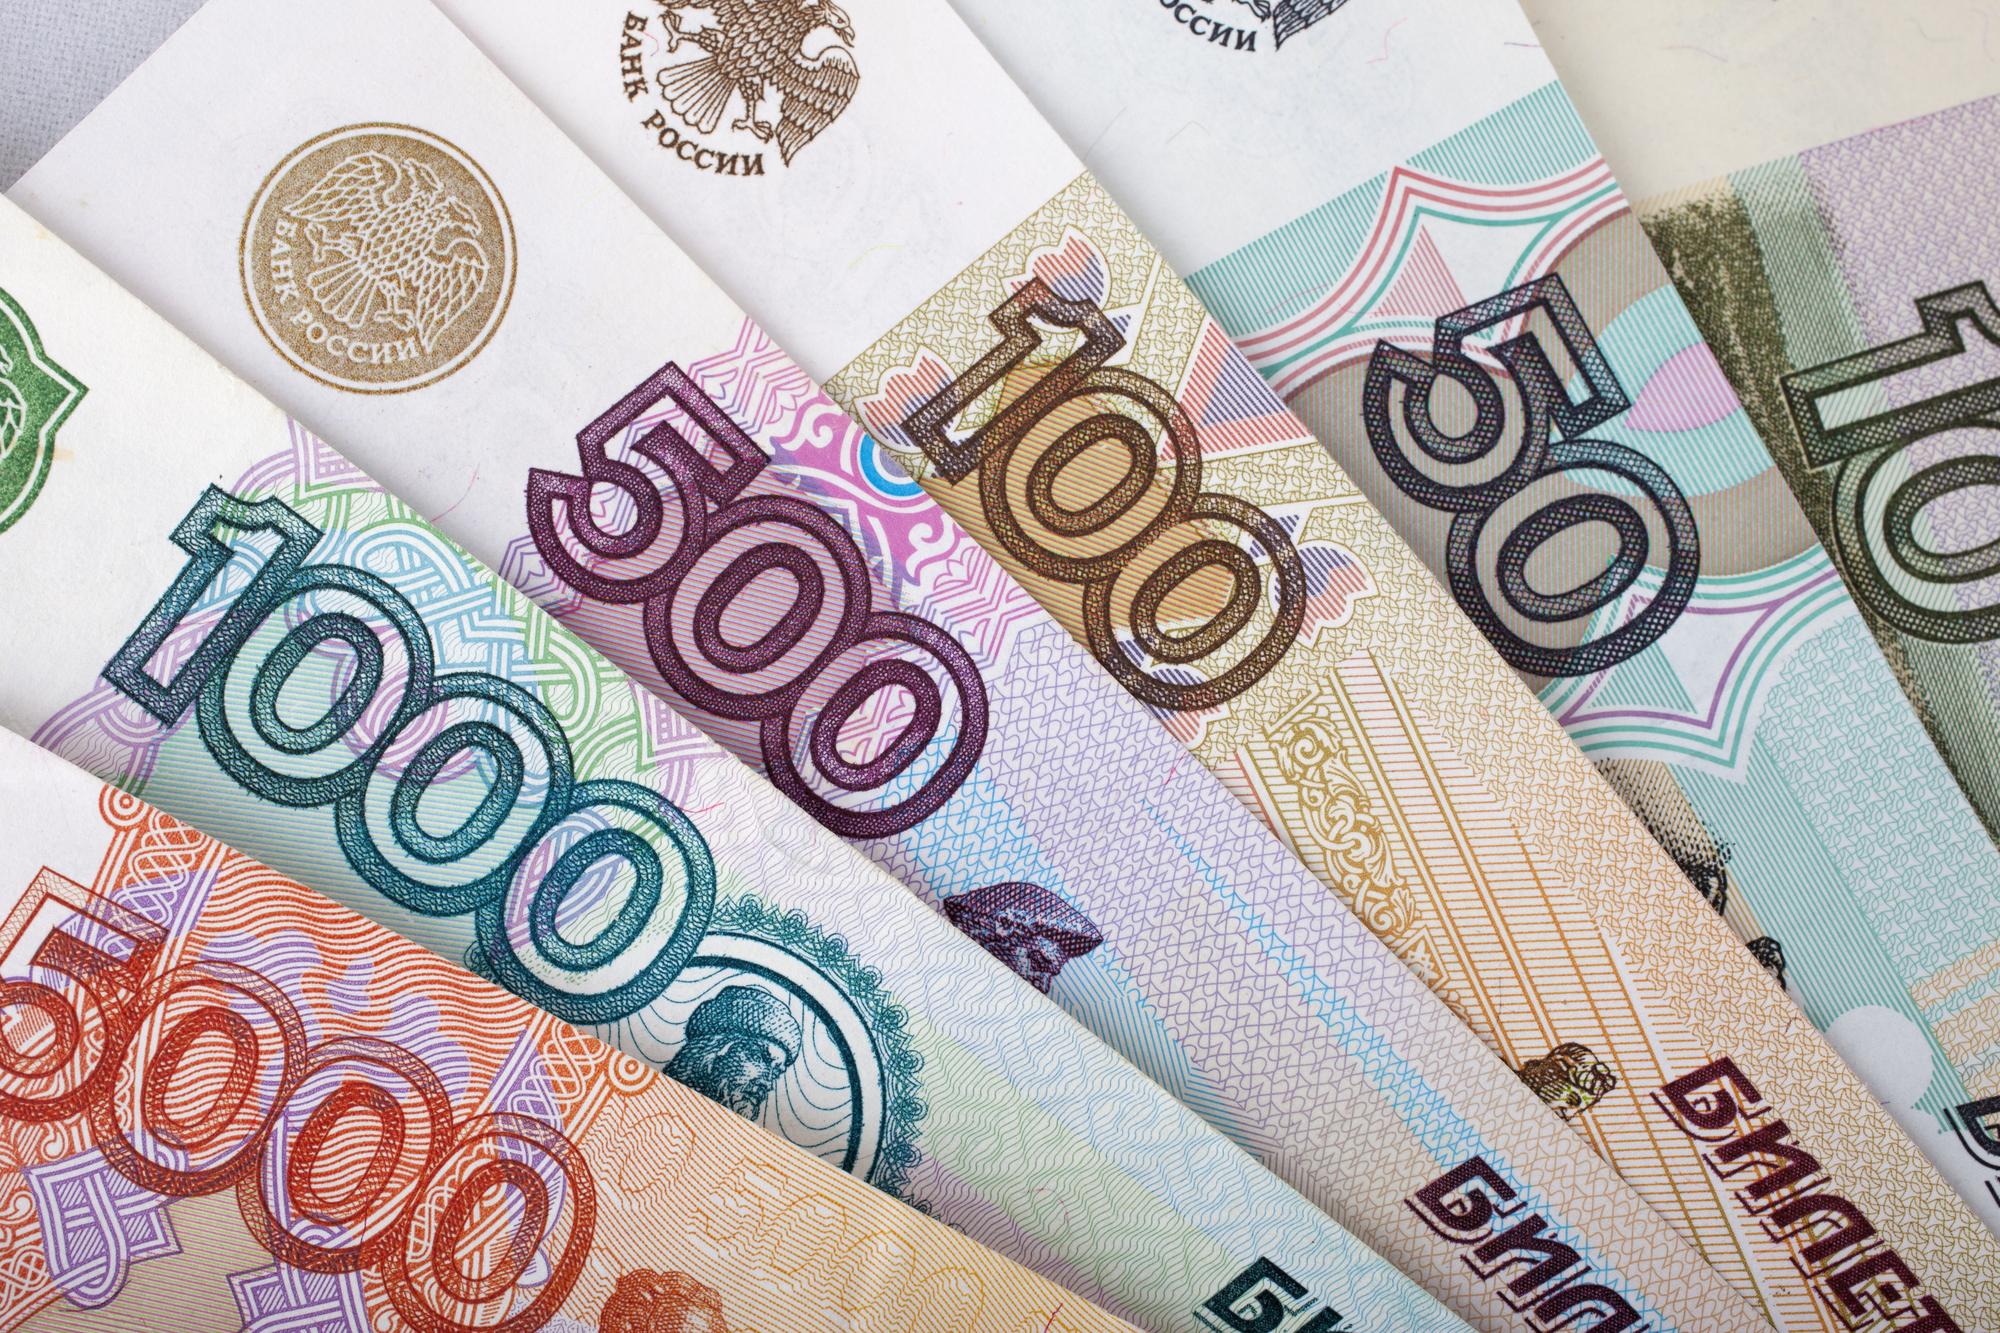 картинки всех денег россии присутствующих студии гостей